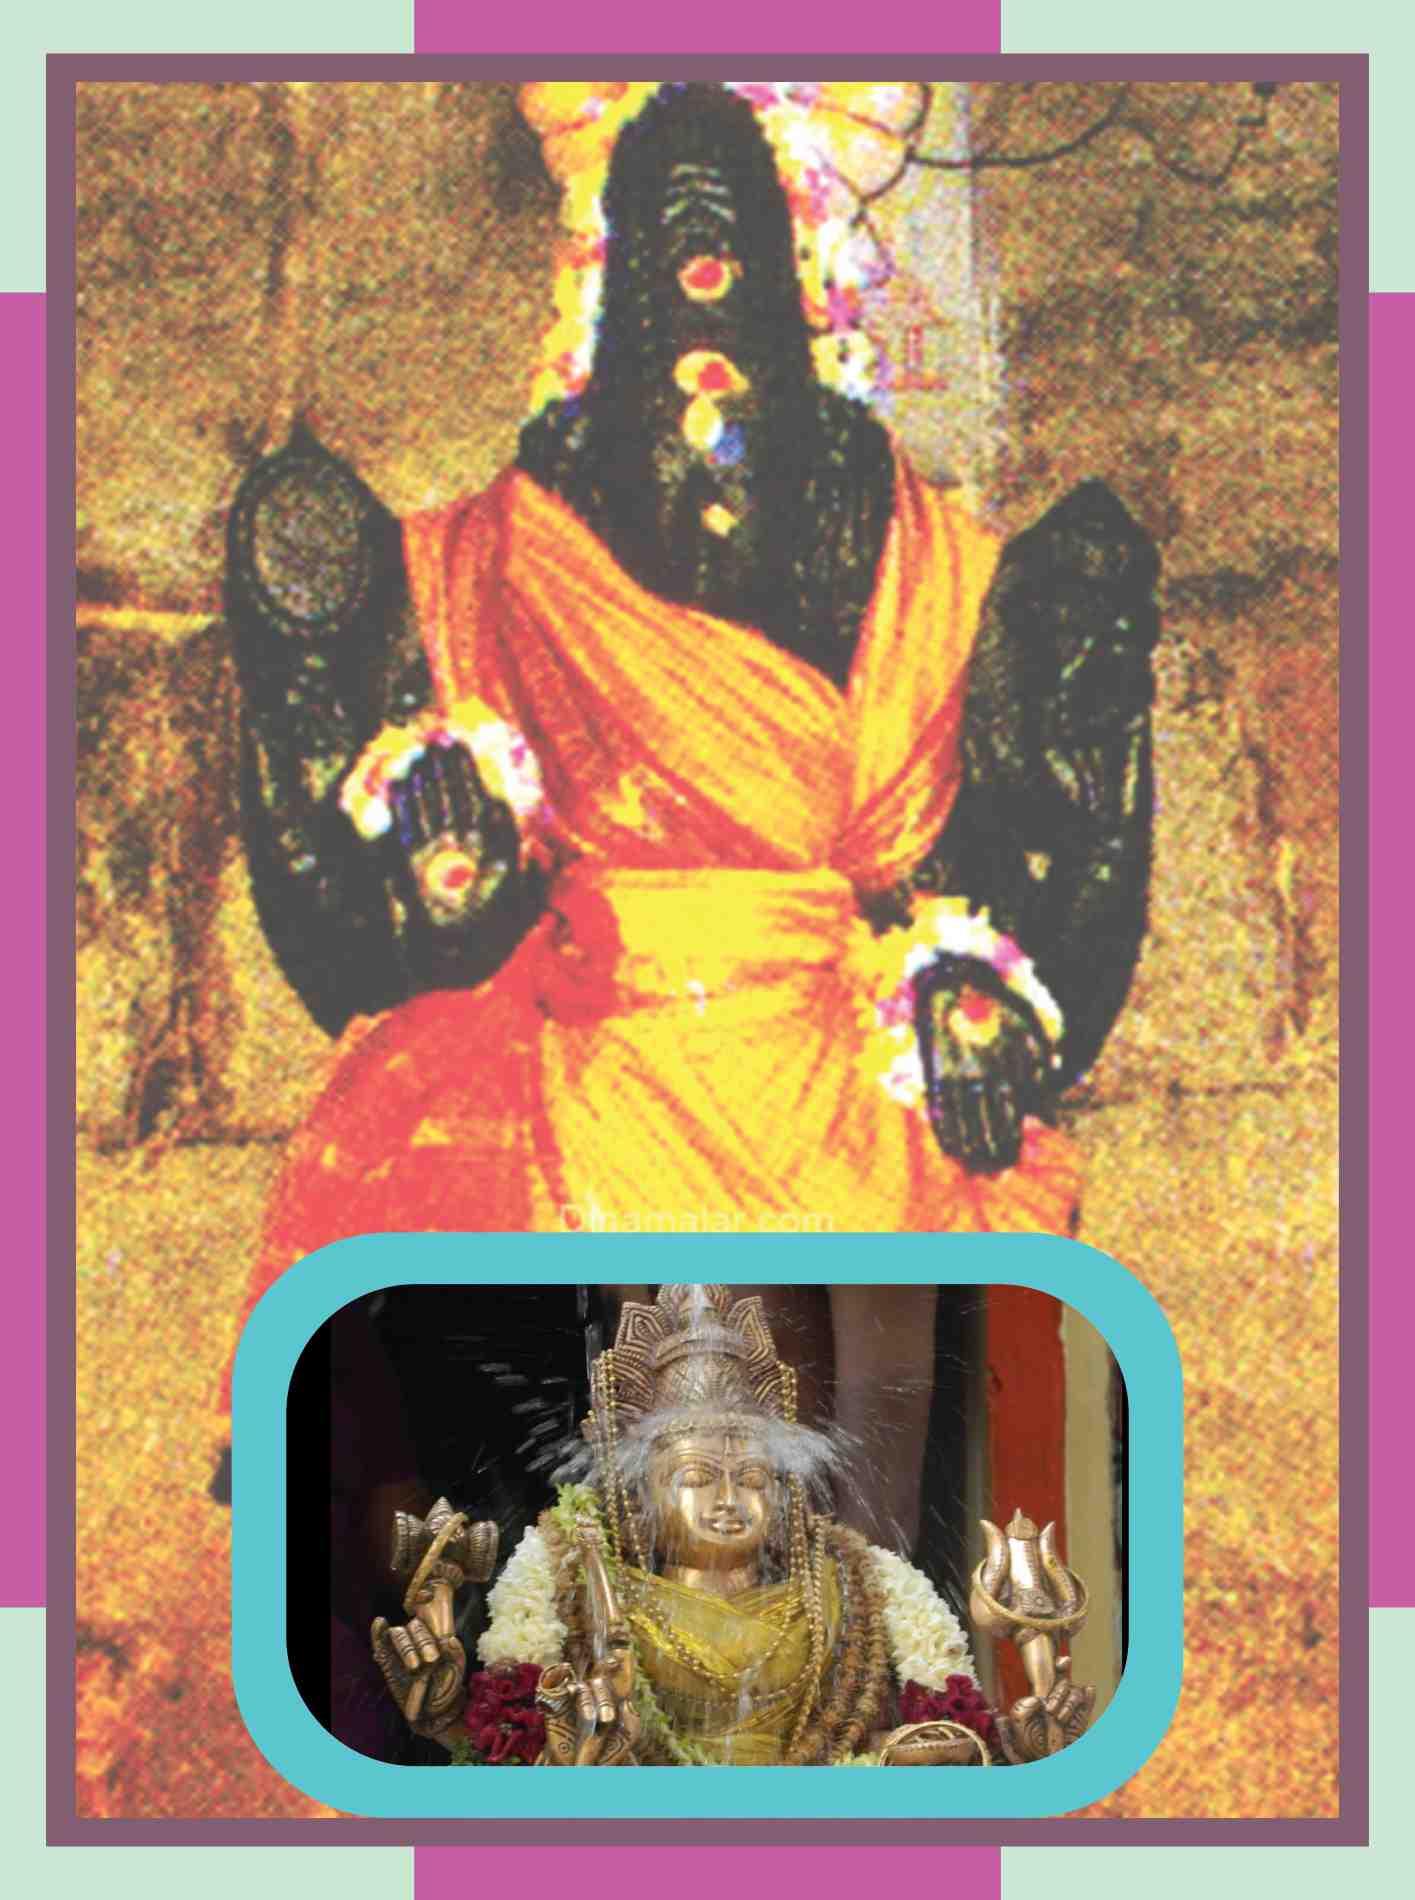 Kamarasavalli - Karkodeswarar Temple Abishekam for Kataka Rasi